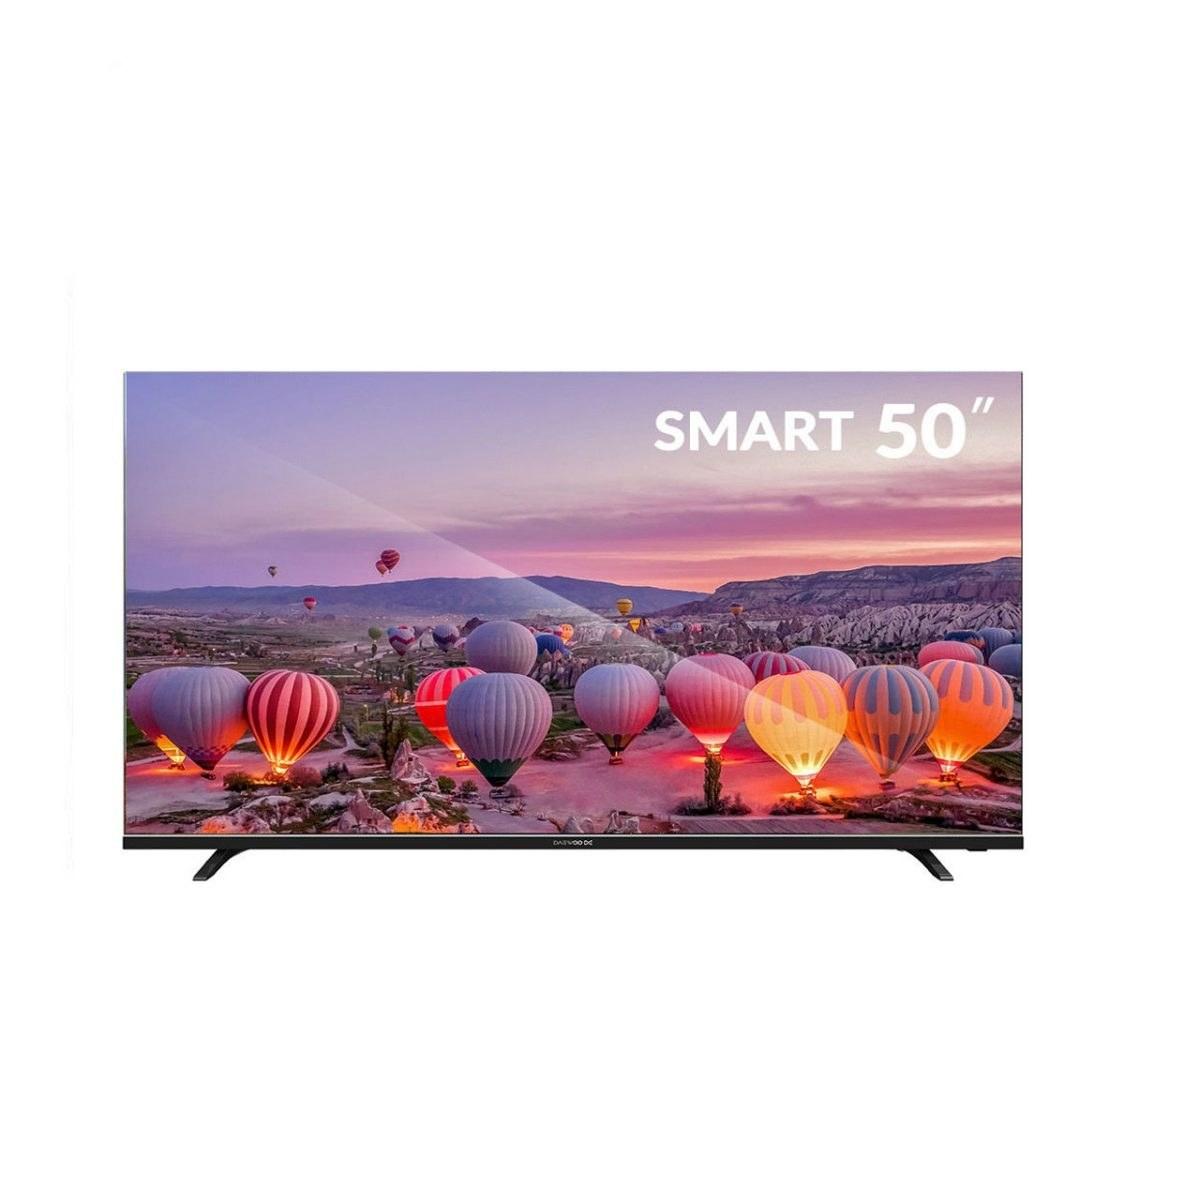 تلویزیون 50 اینچ UHD دوو سری DSL-50k5400U